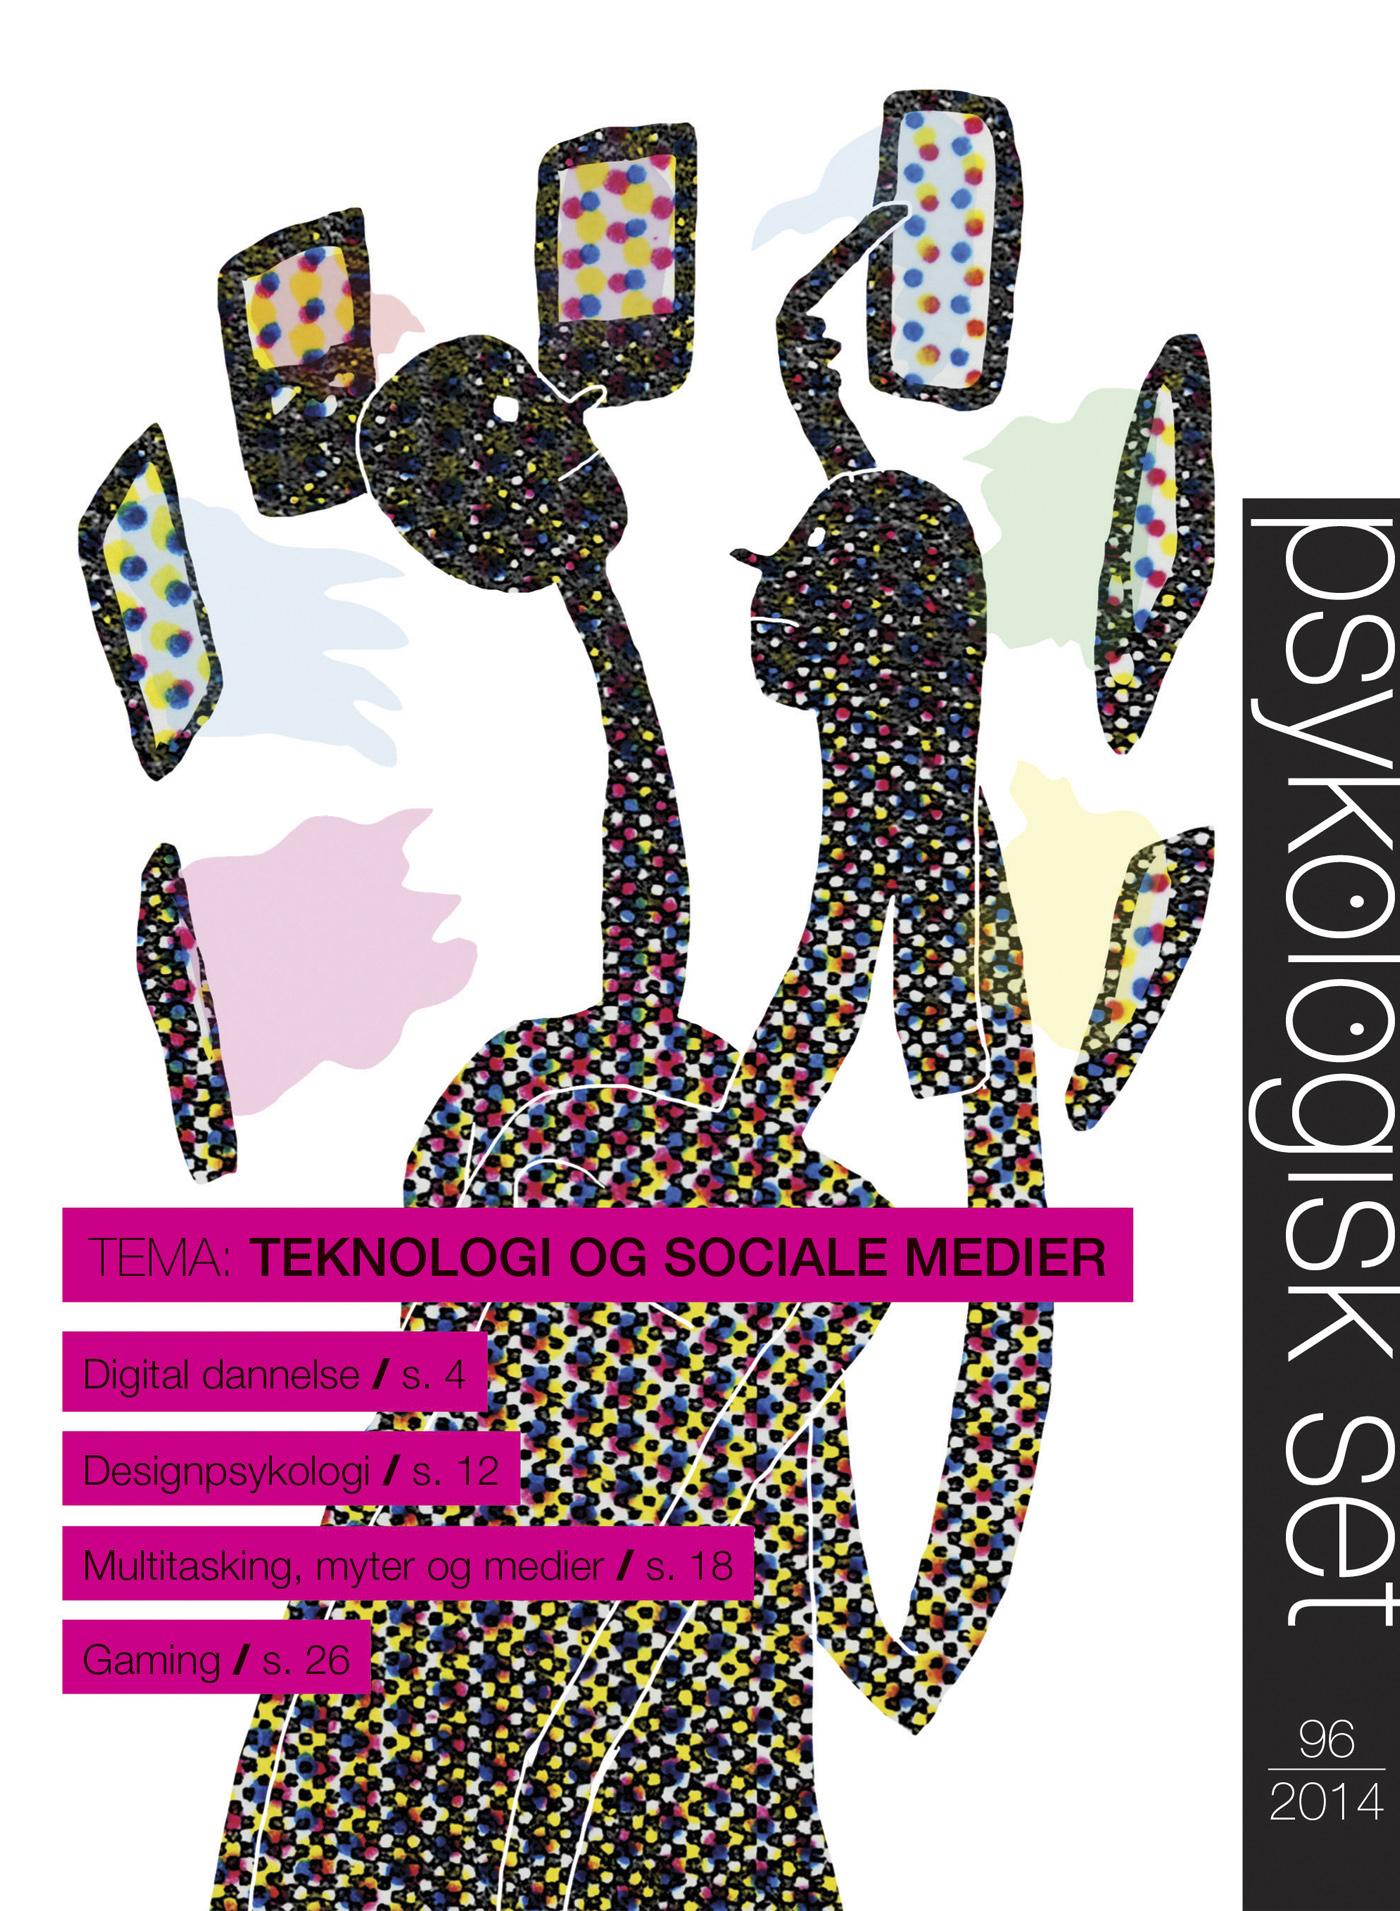 Psykologisk Set 96: Teknologi og sociale medier - E-bog